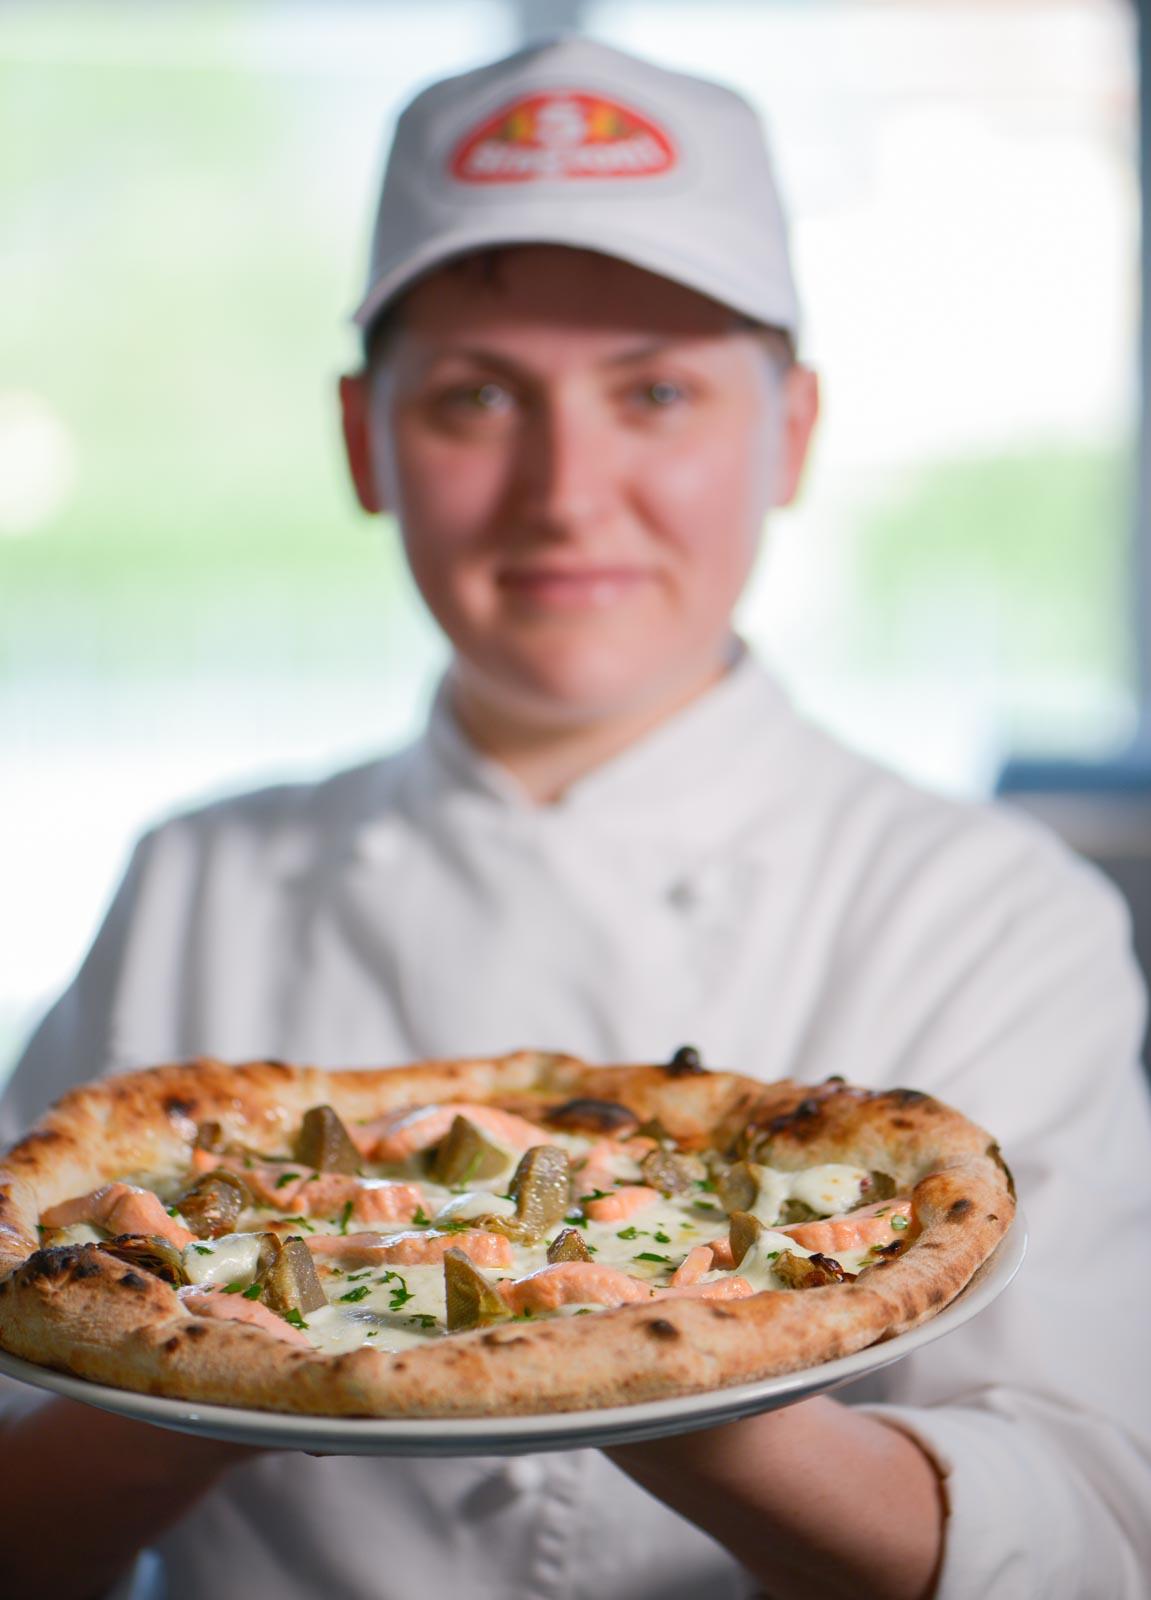 francesca gerbasio e la pizza con trota e carciofi